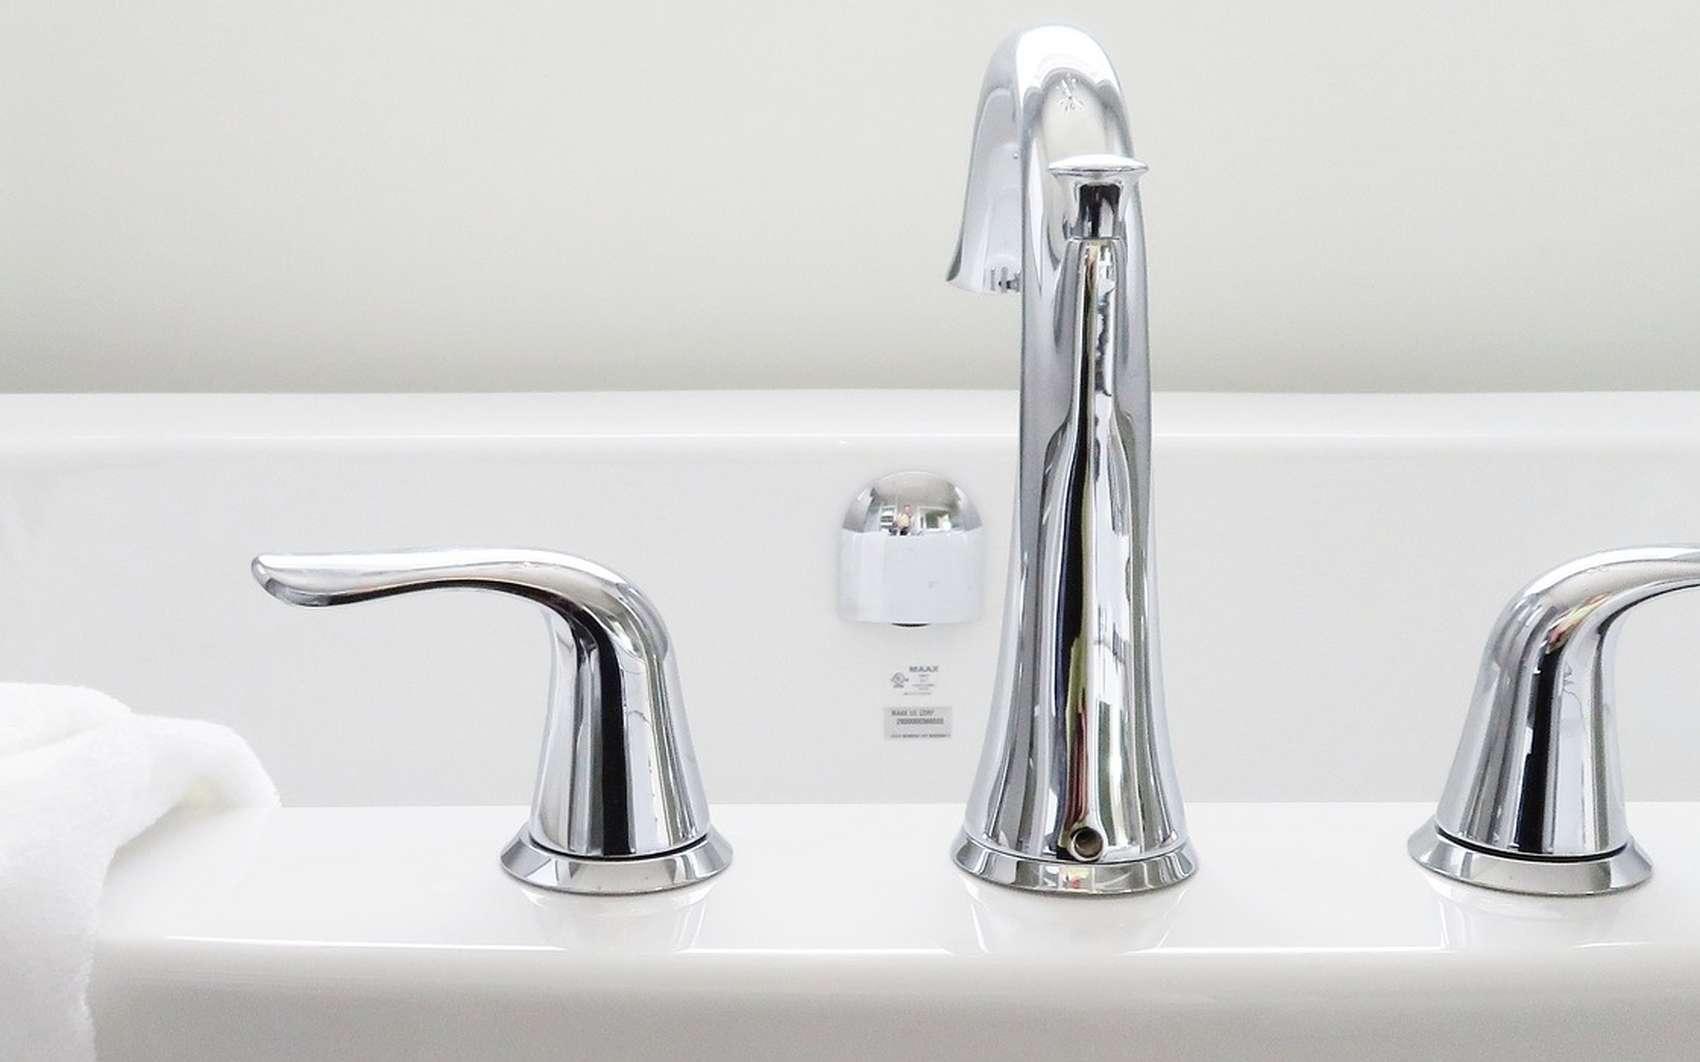 Une baignoire en bon état est à la fois hygiénique et esthétique. © Pixabay